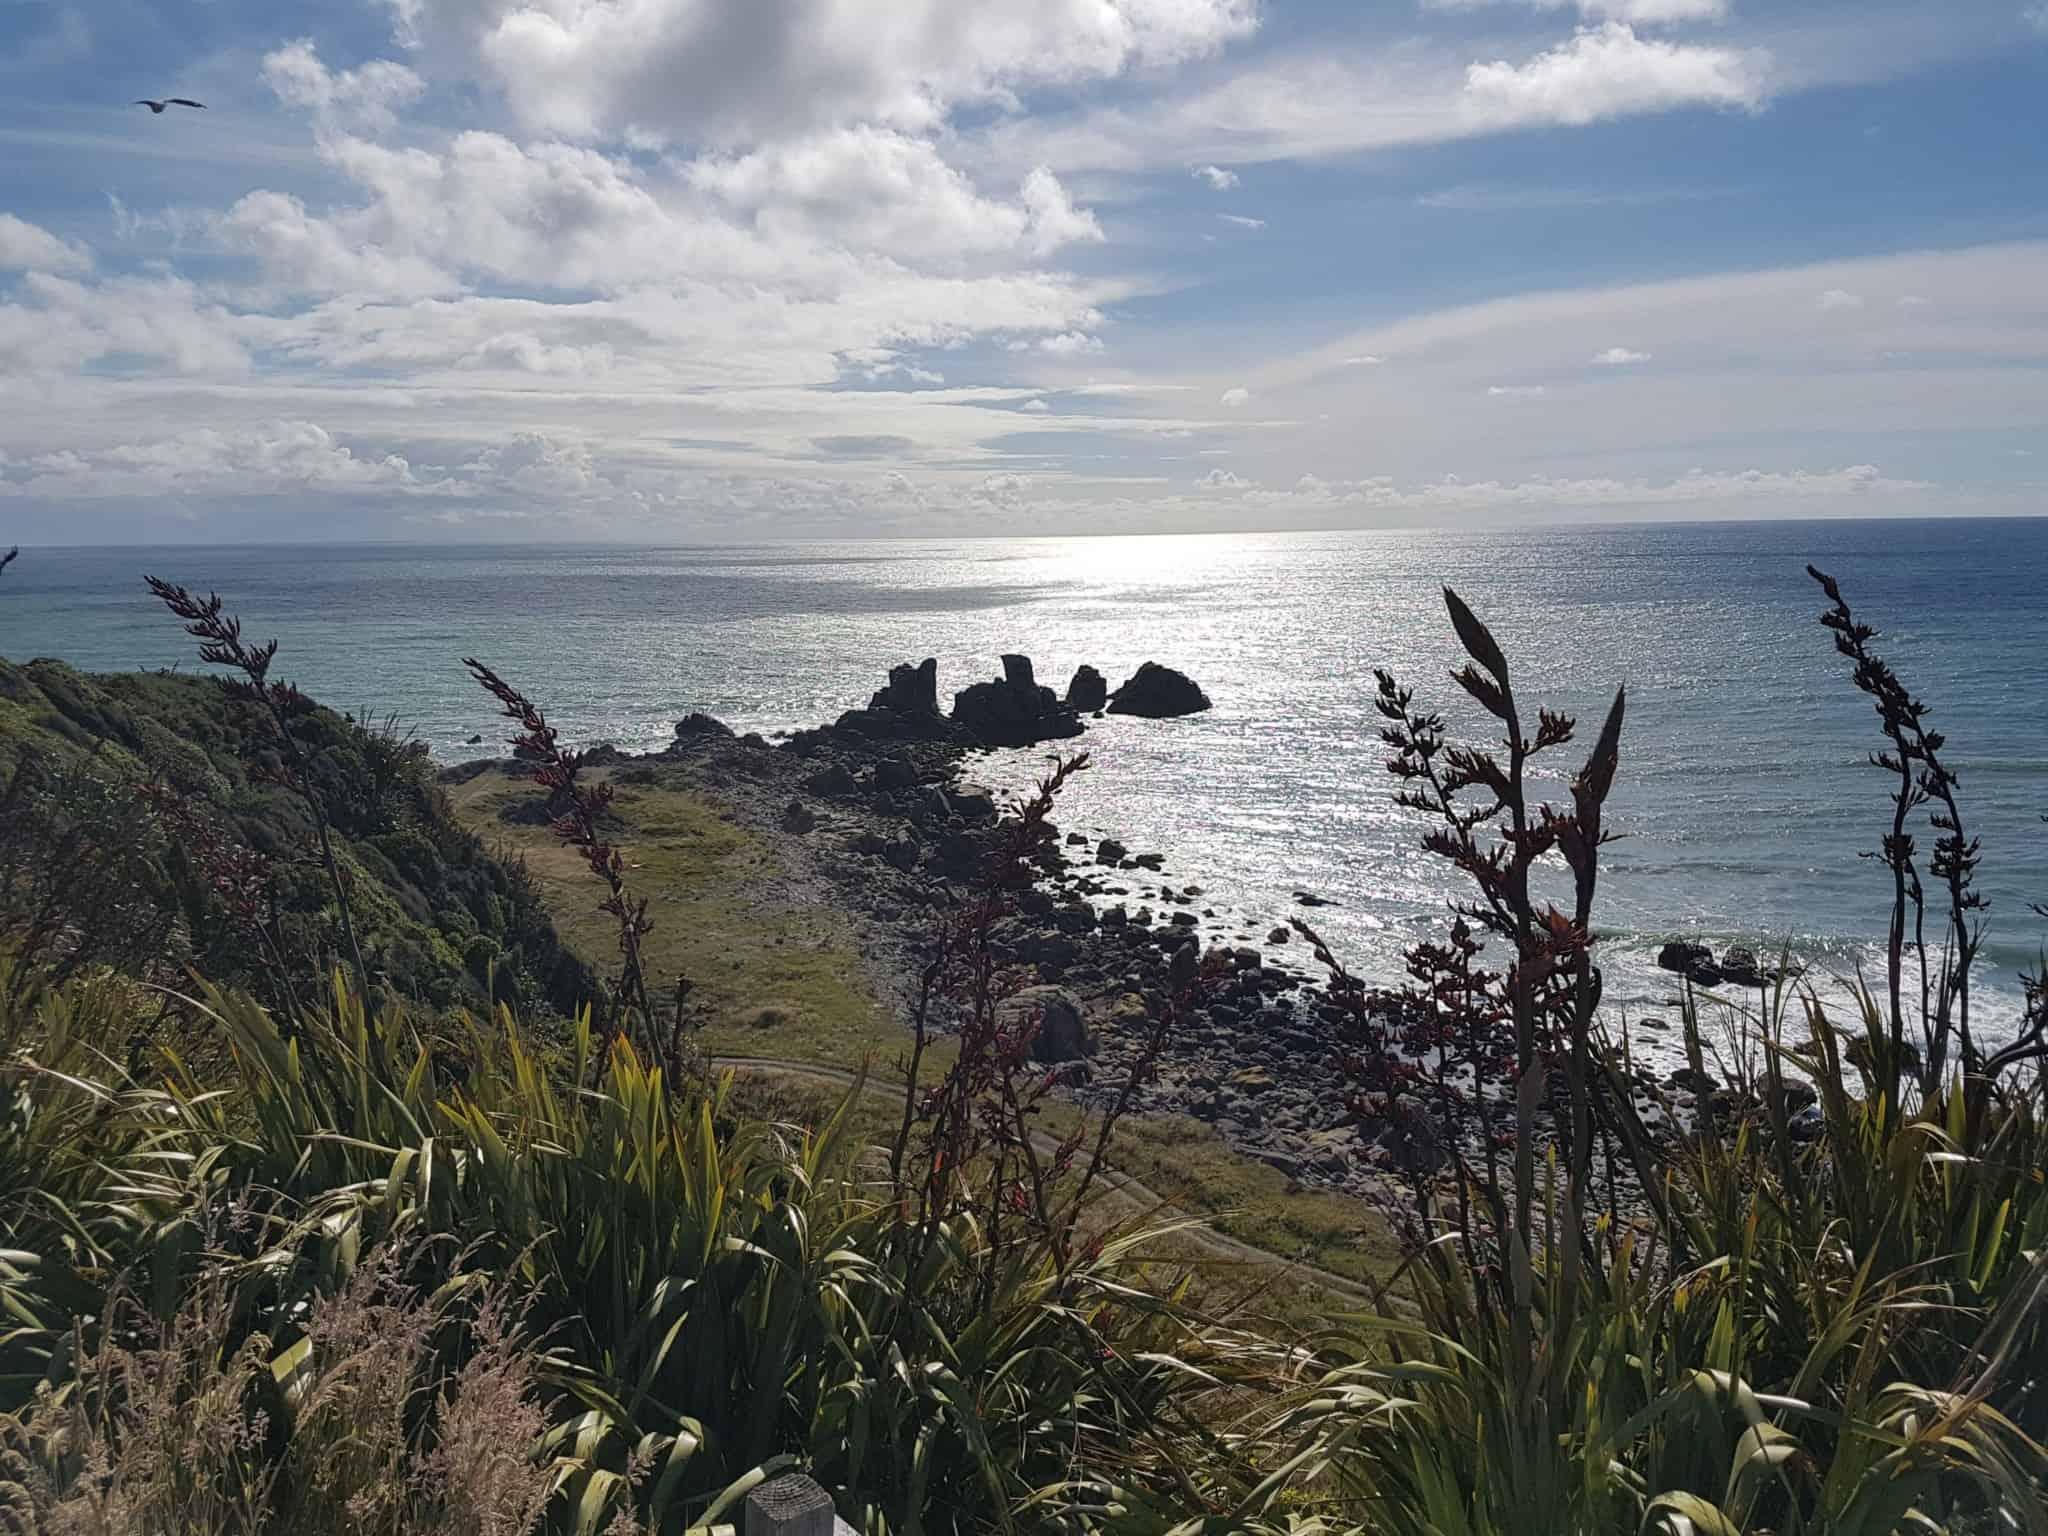 Nouvelle-Zélande, le Cap Foulwind et sa côte sauvage 🌿 15